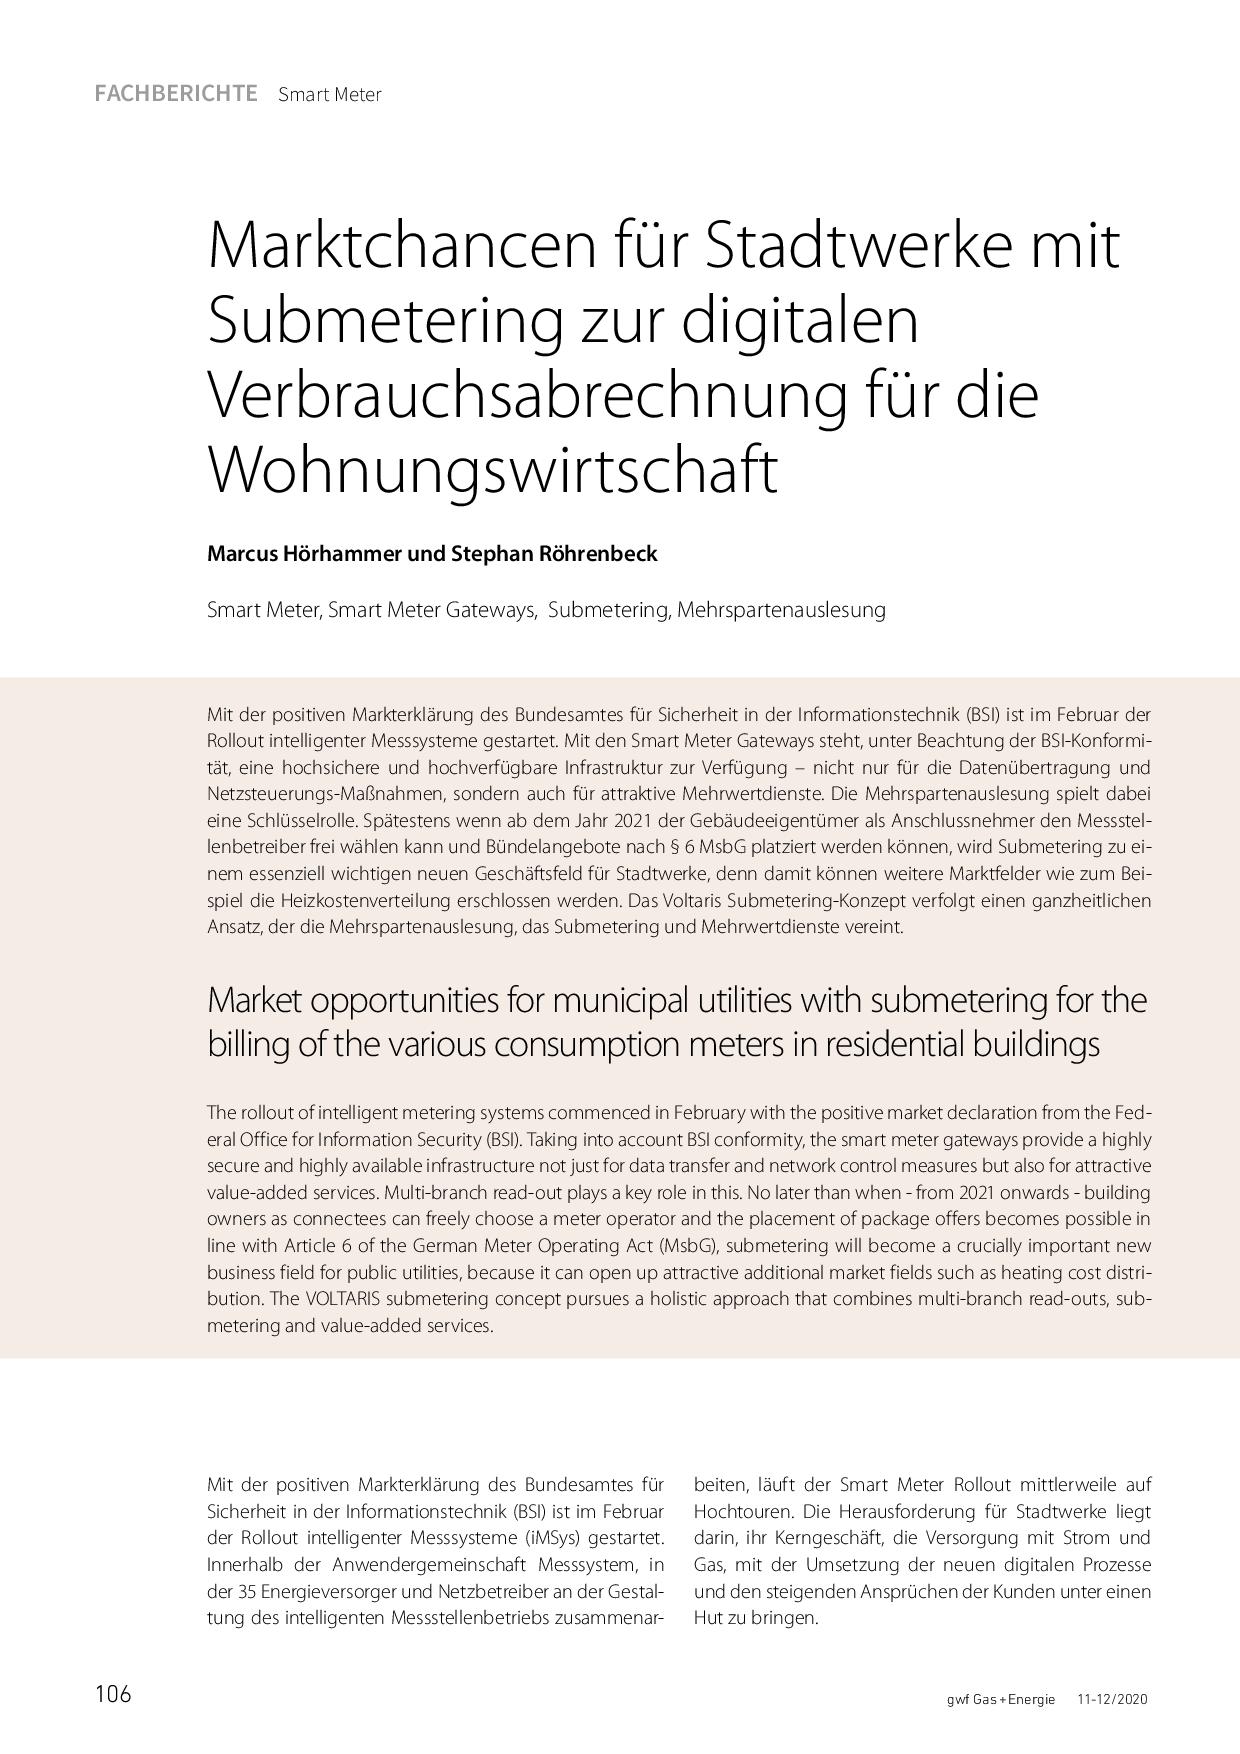 Marktchancen für Stadtwerke mit Submetering zur digitalen Verbrauchsabrechnung für die Wohnungswirtschaft